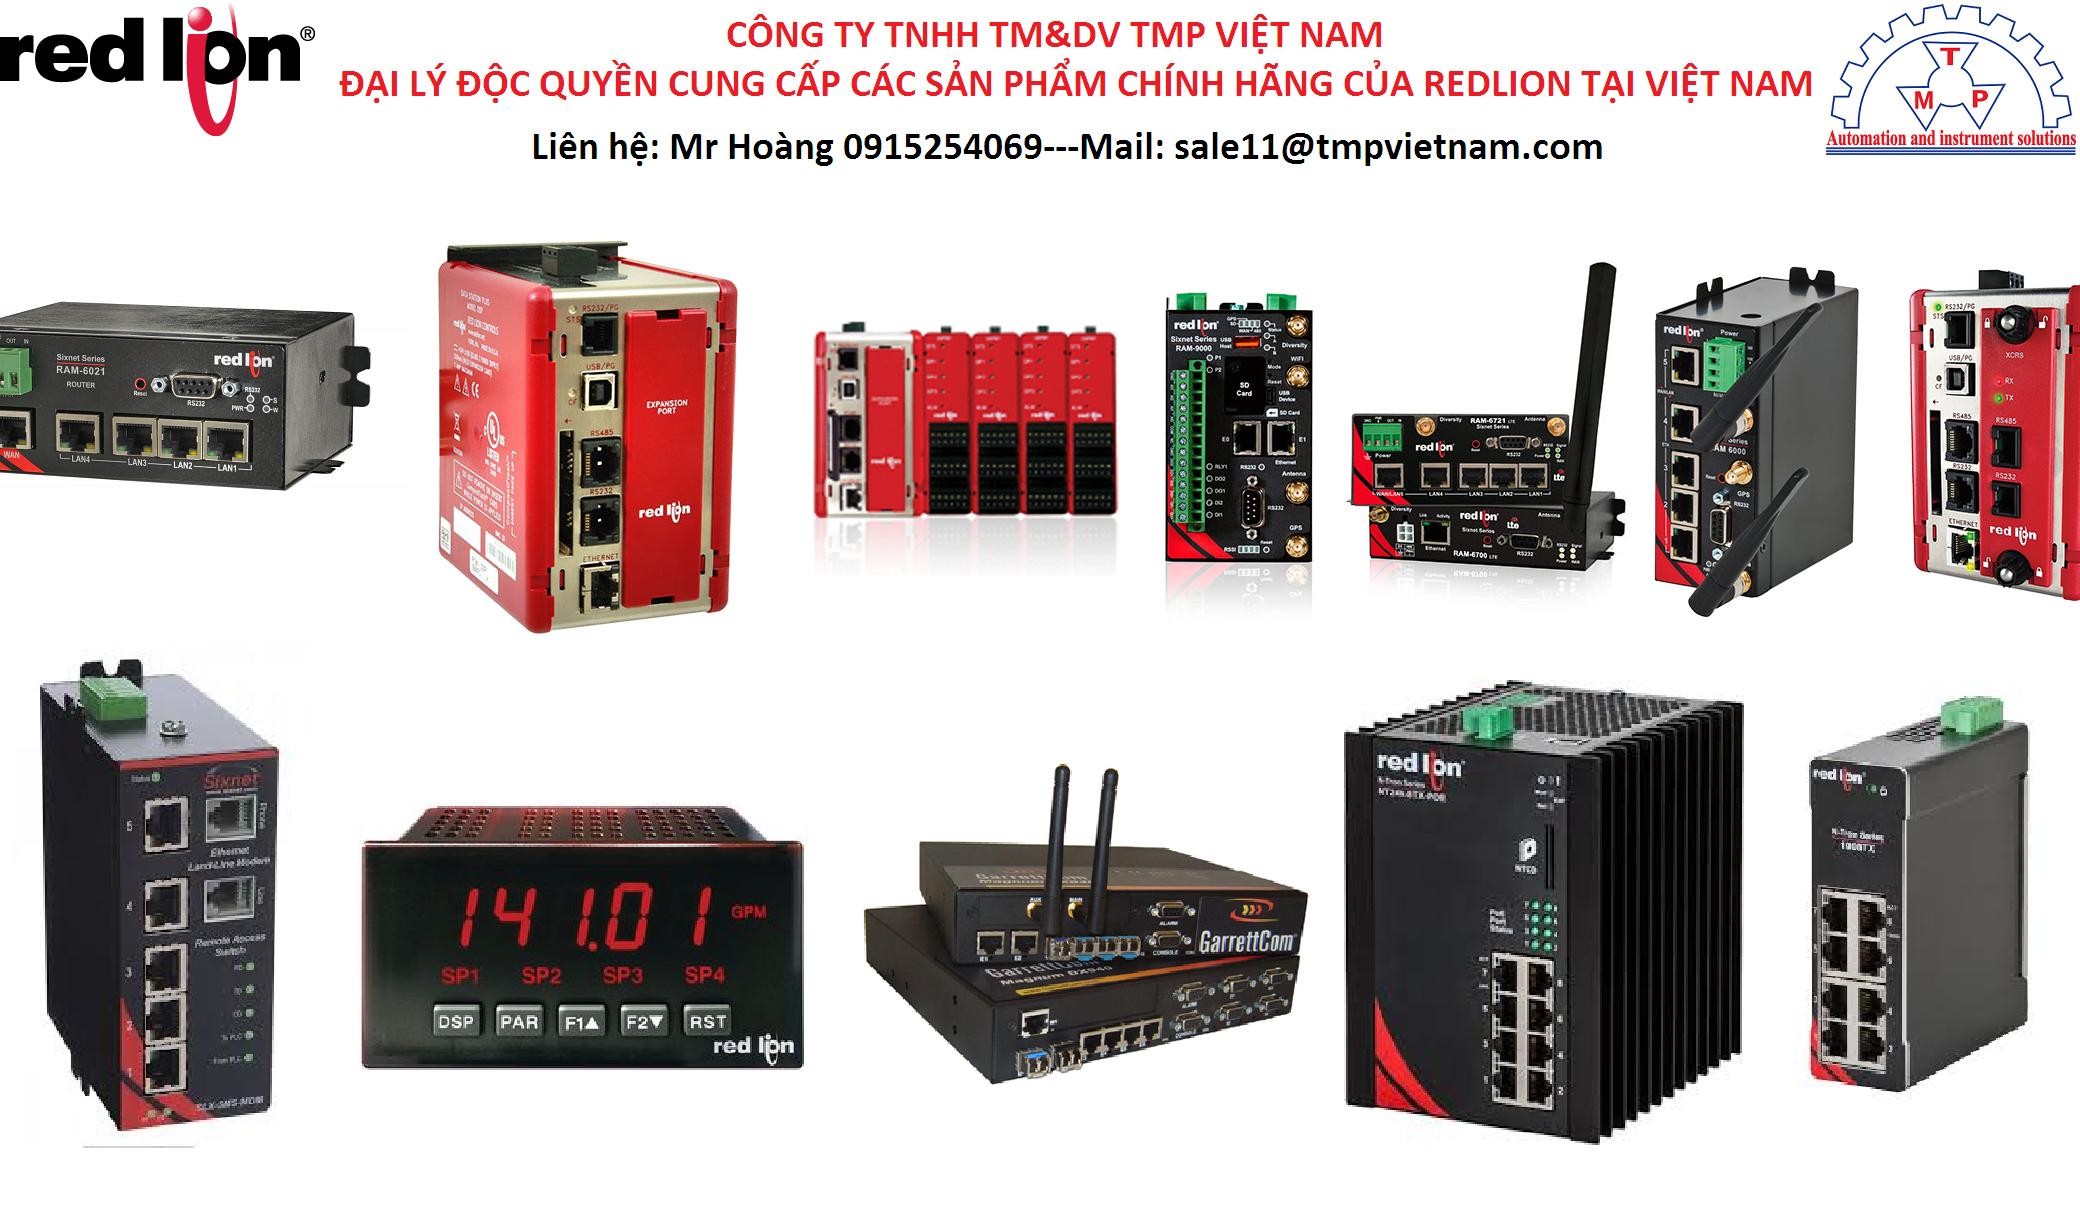 Redlion-Môđun điều khiển Graphite Crimson-Redlion Việt Nam-Đại lý redlion tại Việt Nam-TMP VietNam đại lý Redlion tại Việt Nam